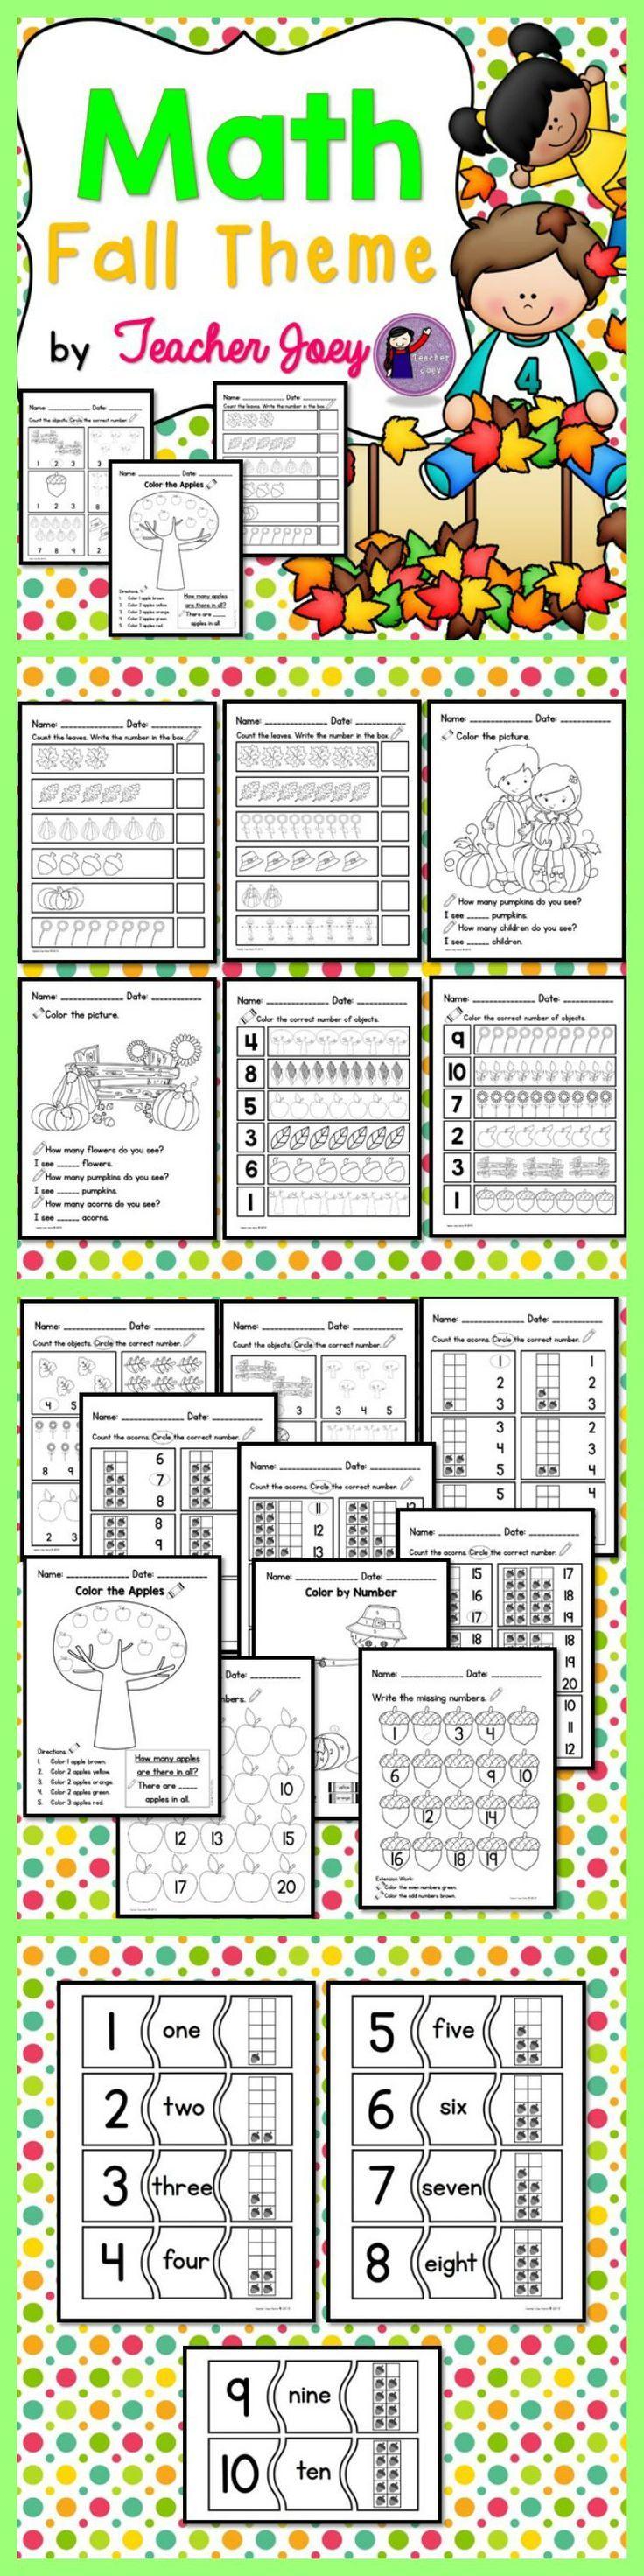 Fall Math Math Activities for Pre-K to Grade One #teacherspayteachers #number